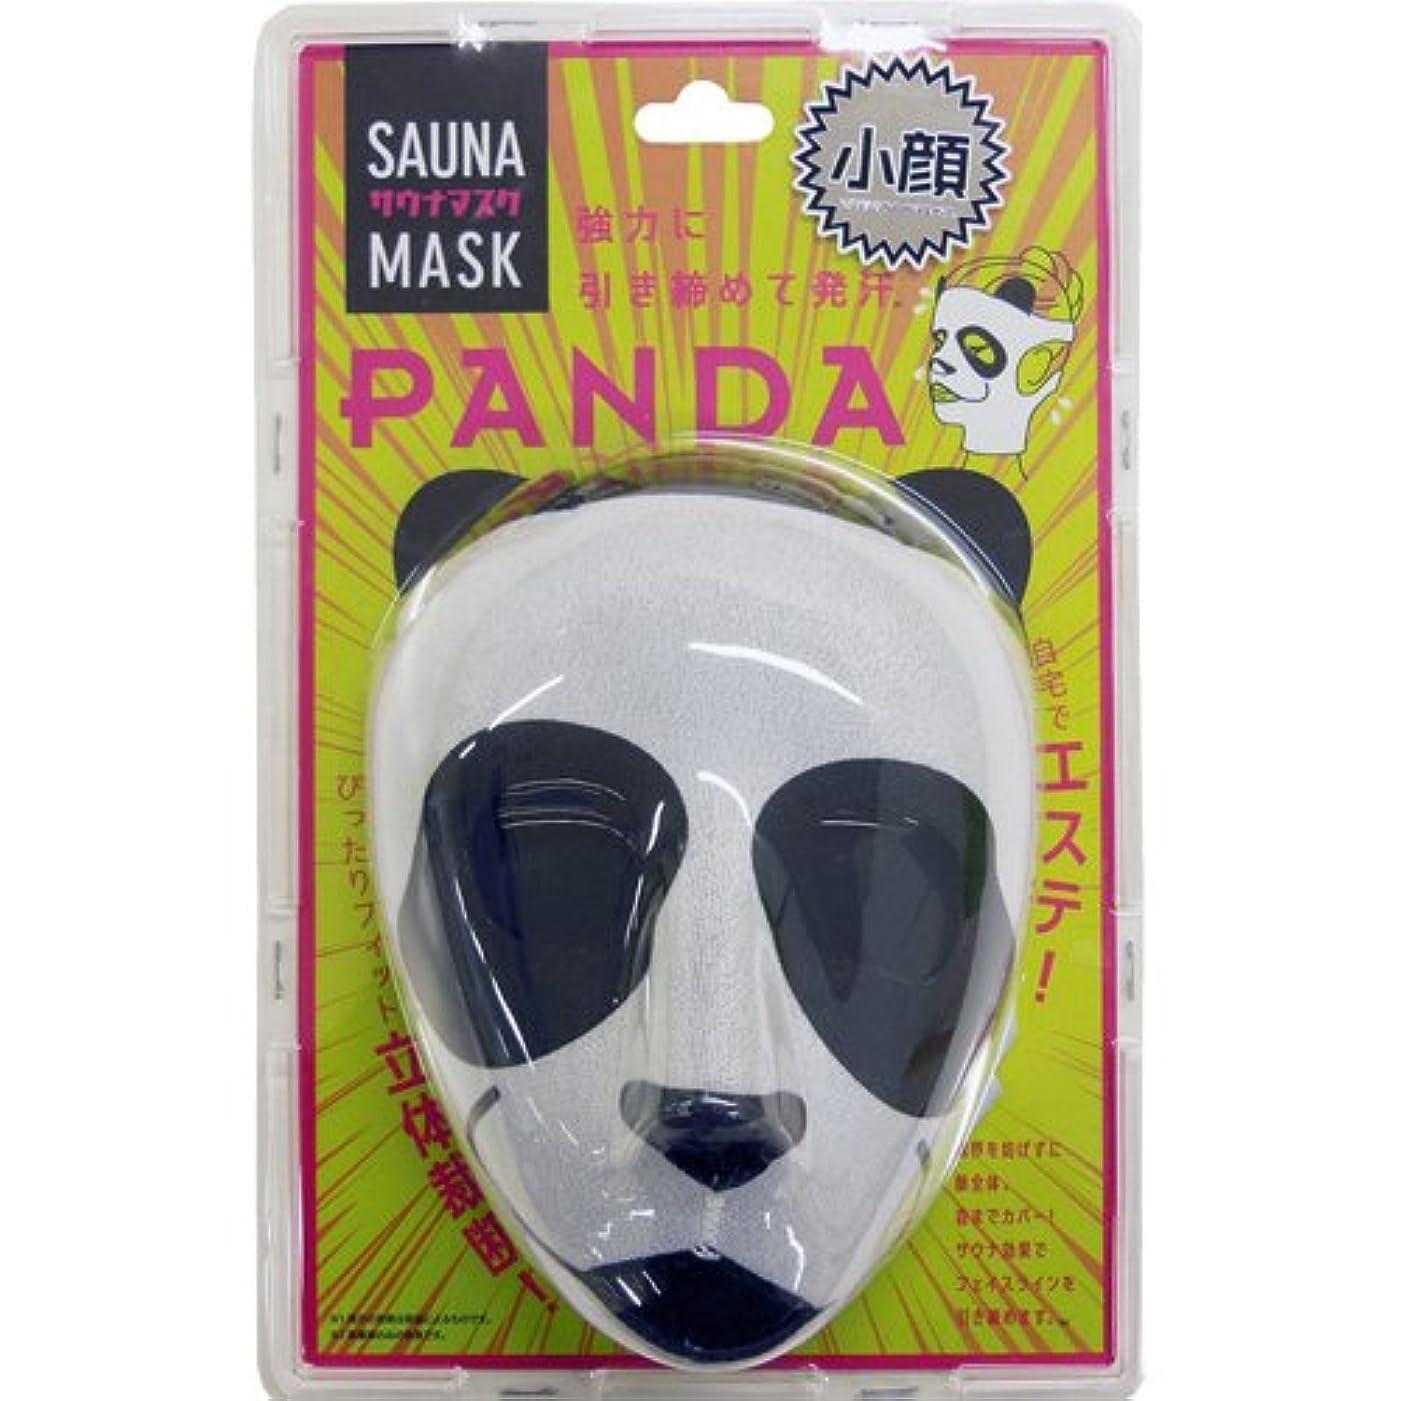 床オーストラリア小麦コジット サウナマスク PANDA (1個)